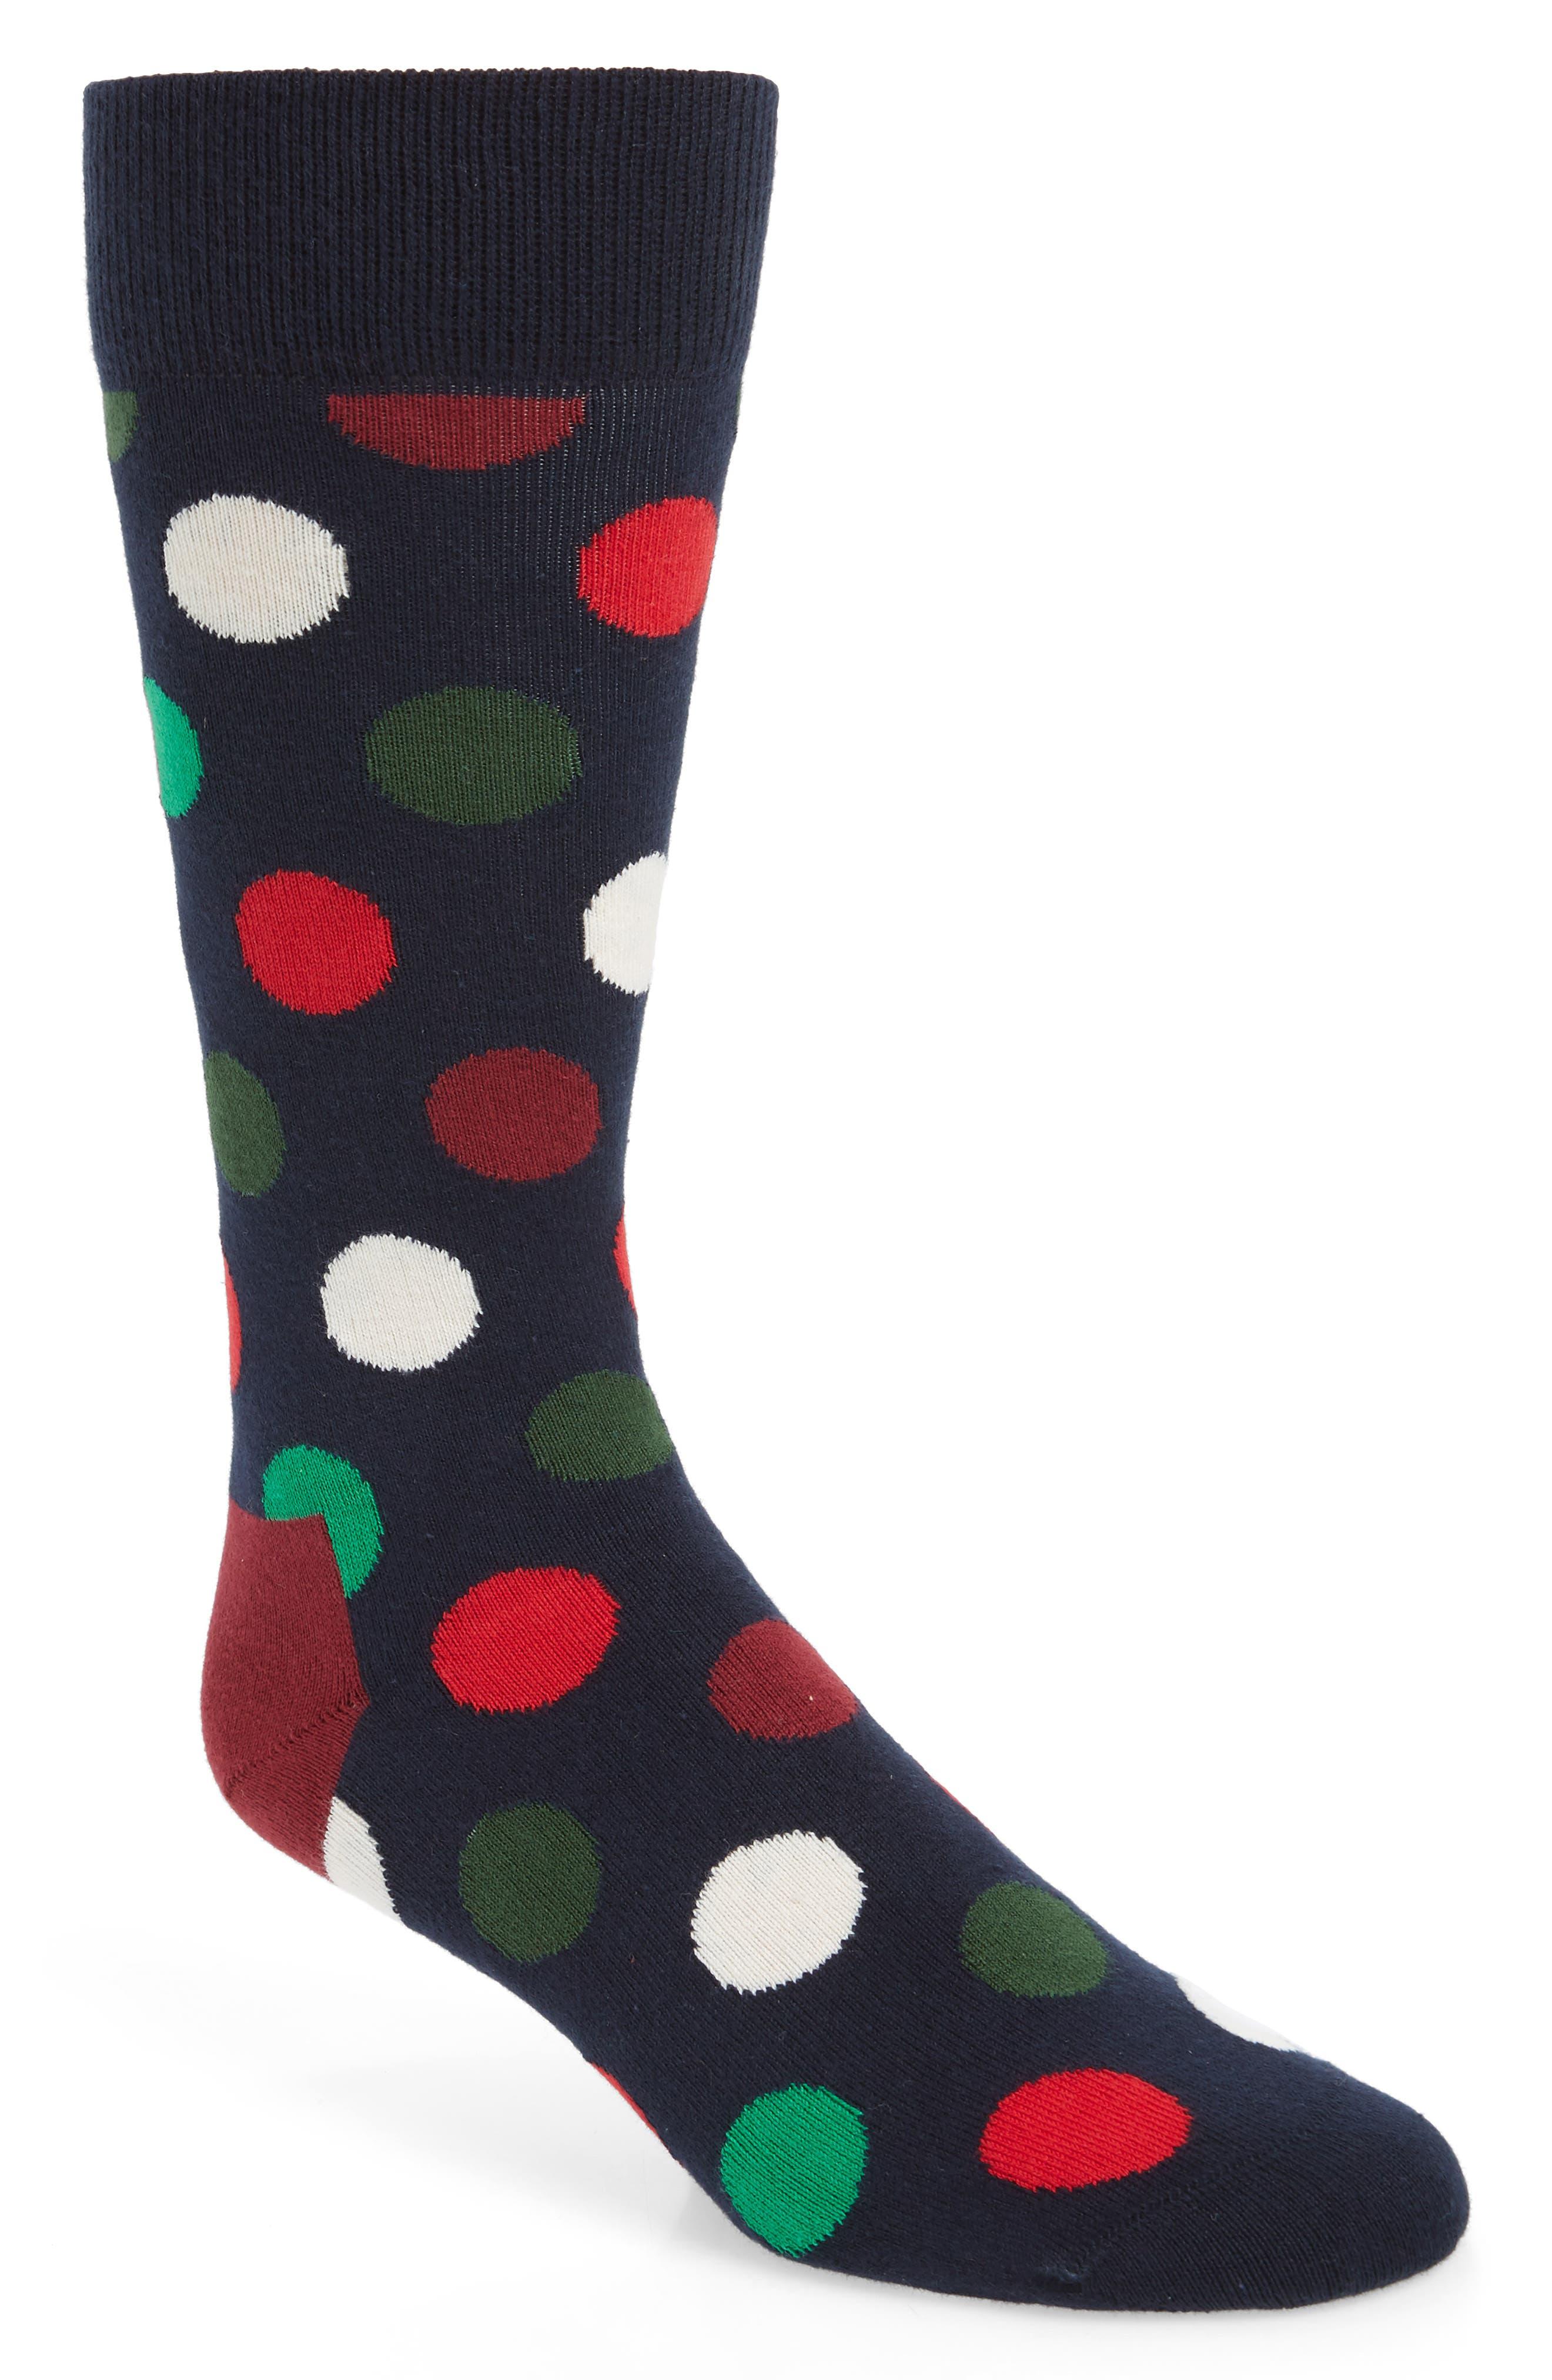 Big Dot Holiday Socks,                             Main thumbnail 1, color,                             NAVY MULTI